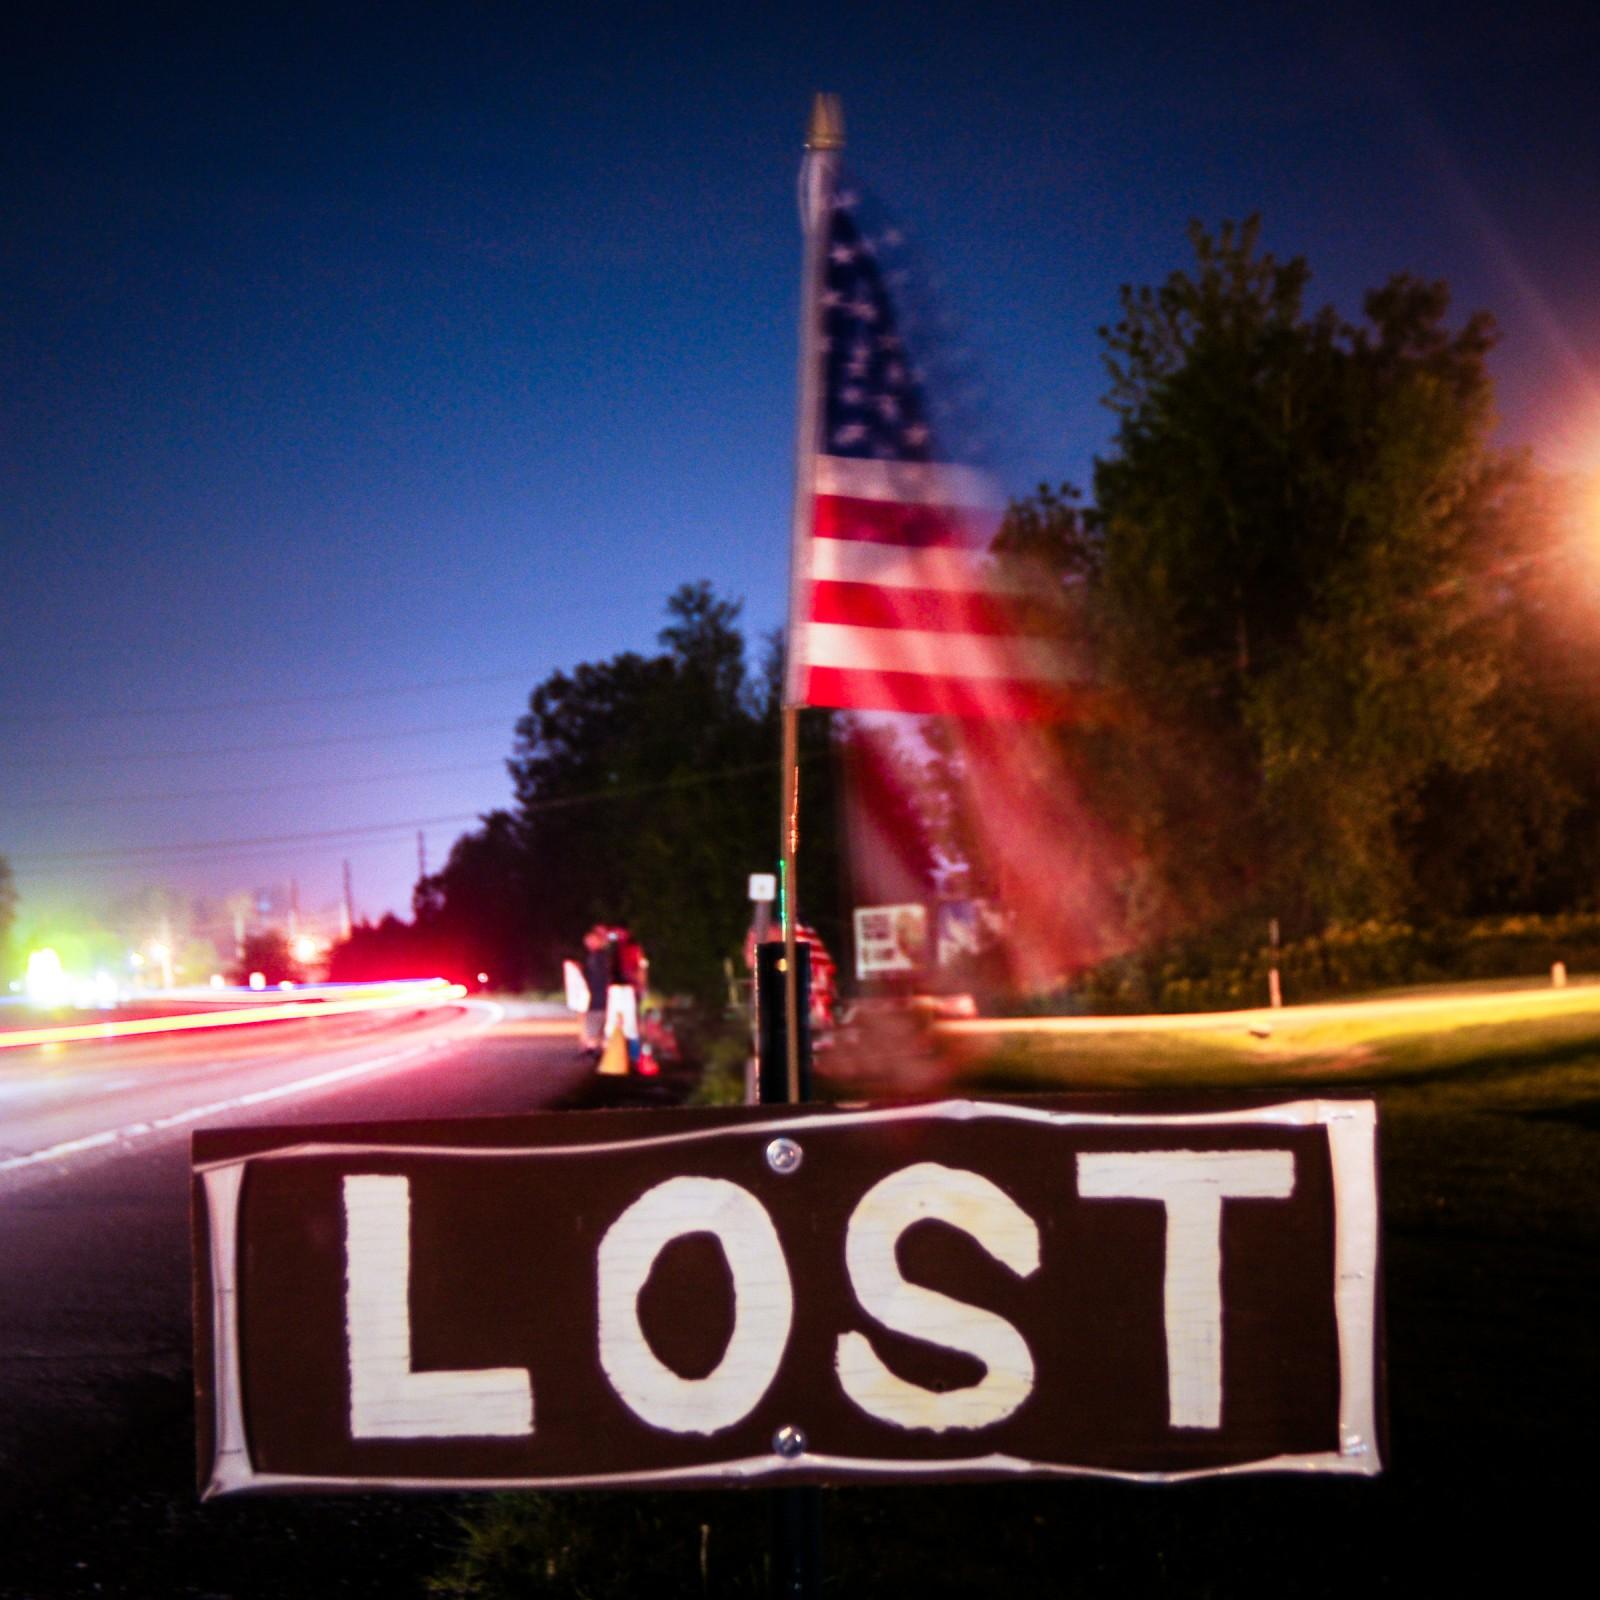 Lost-Clarke-Condé-Pyragraph